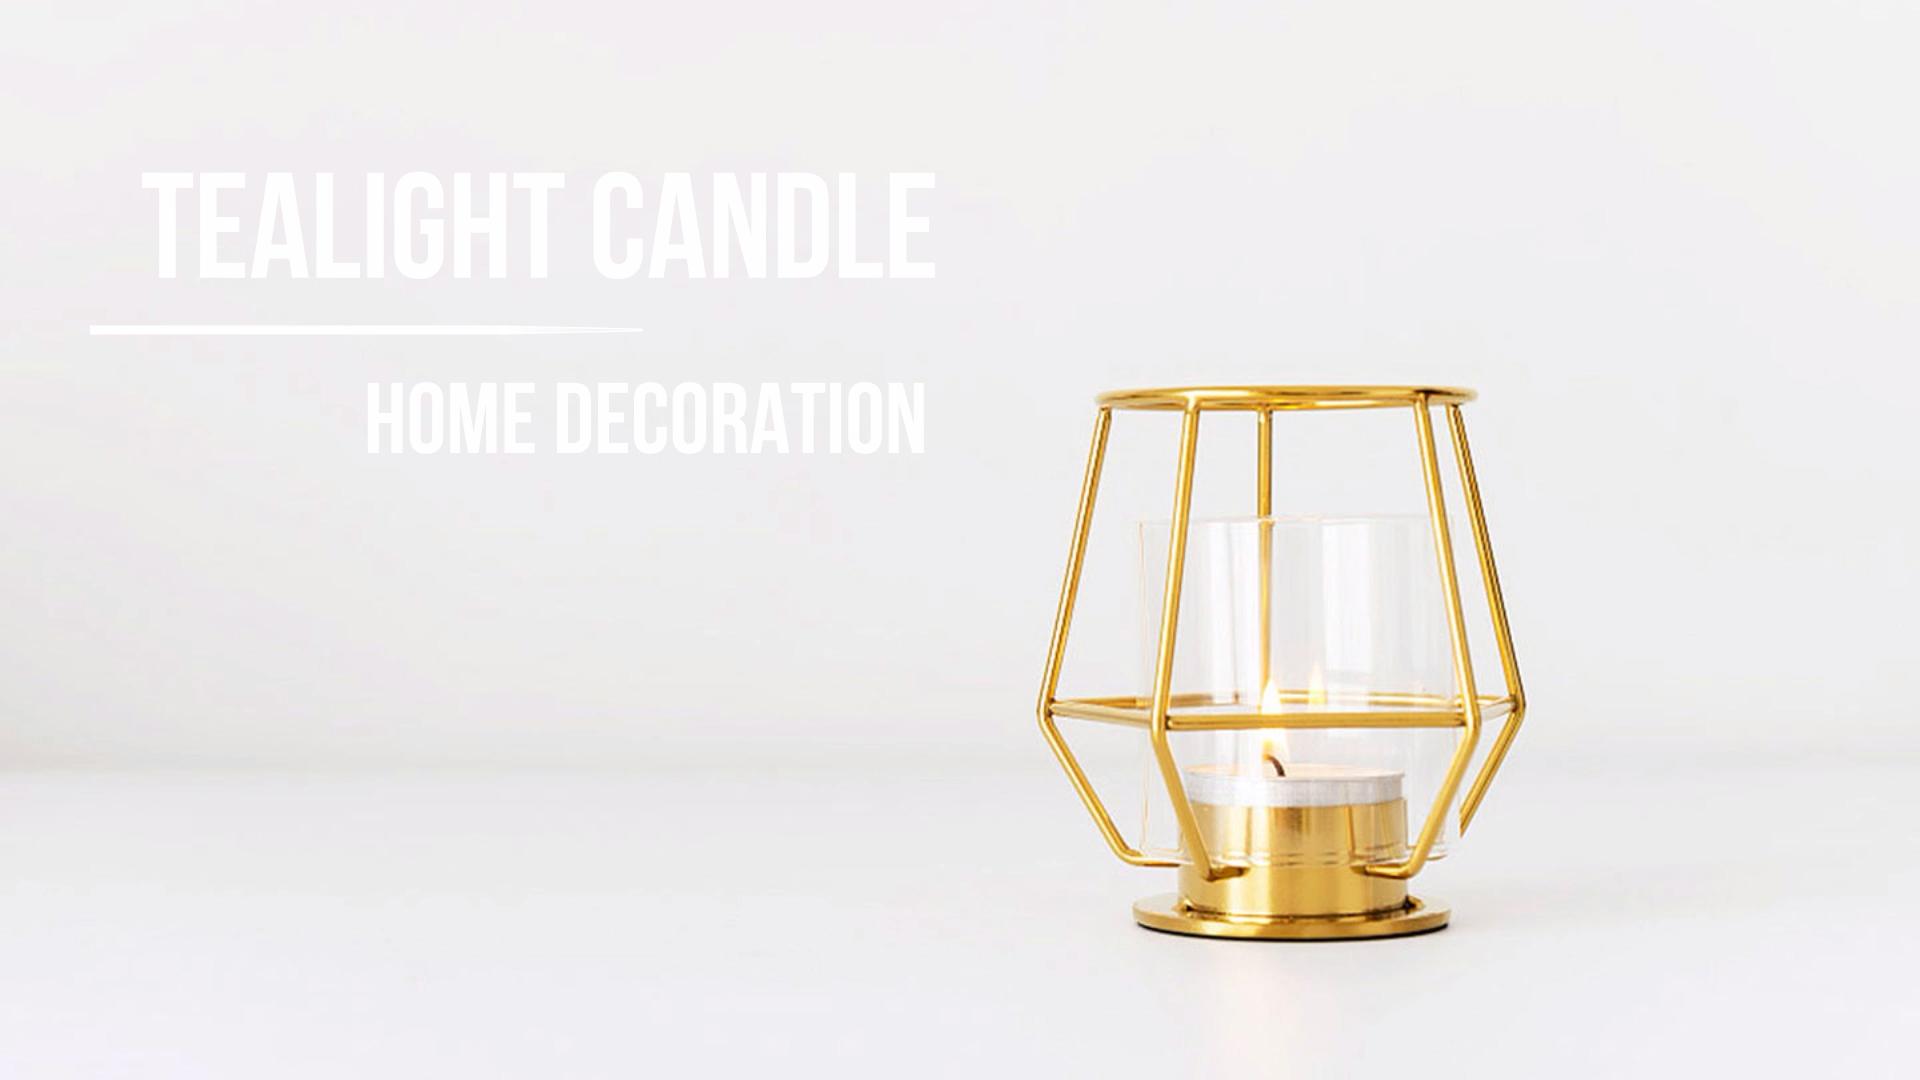 Vendita calda unscented di notte tealight candela 10 50 100pcs pacchetto tempo di combustione lungo